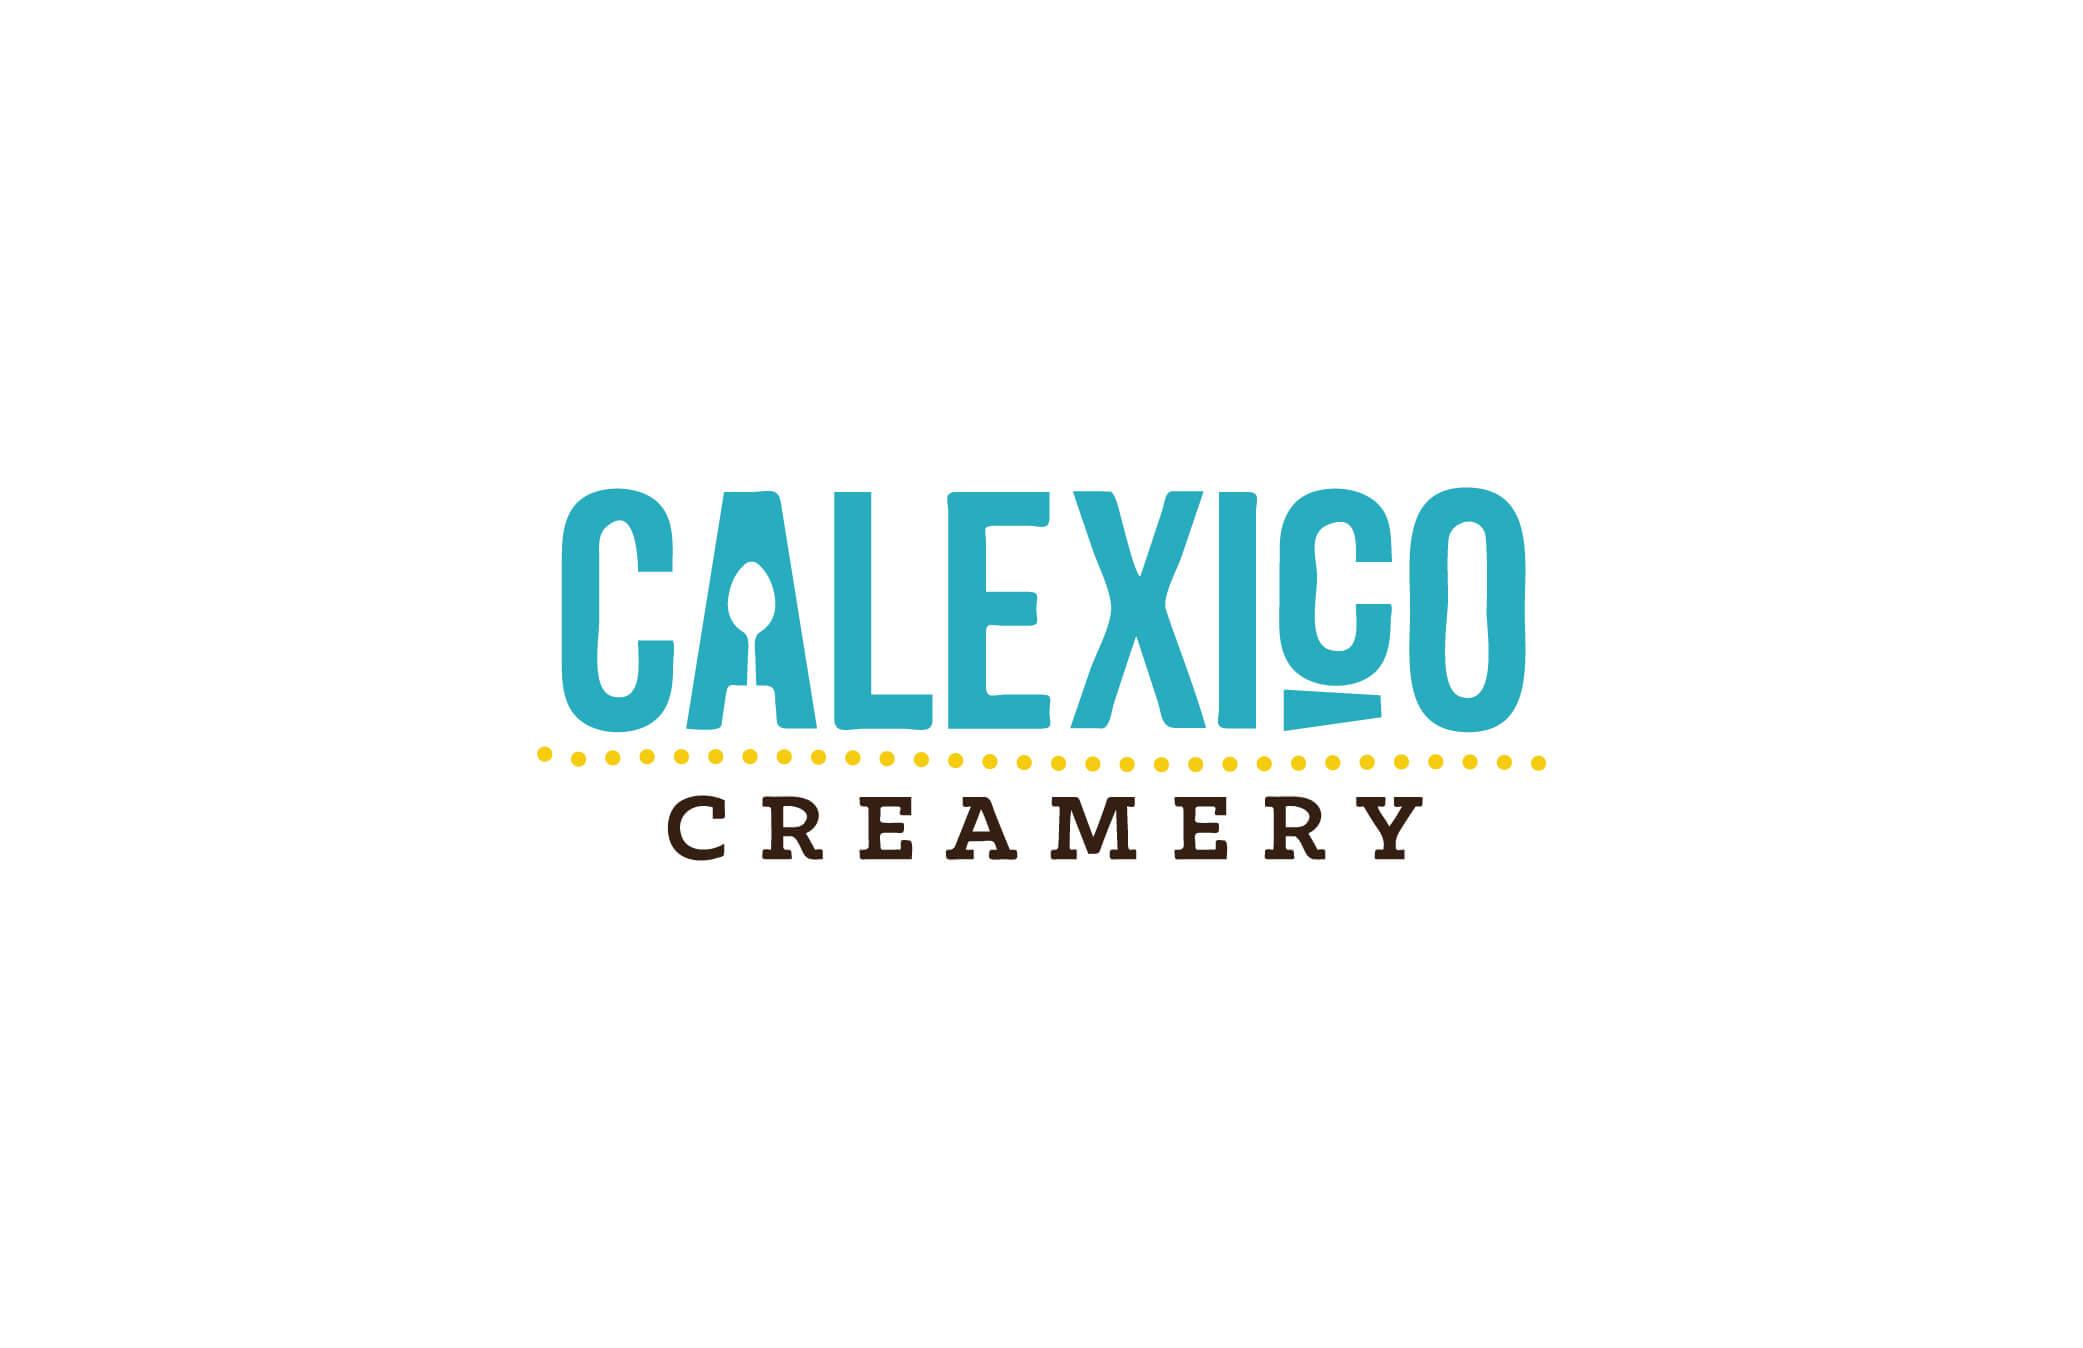 calexico-logo-design